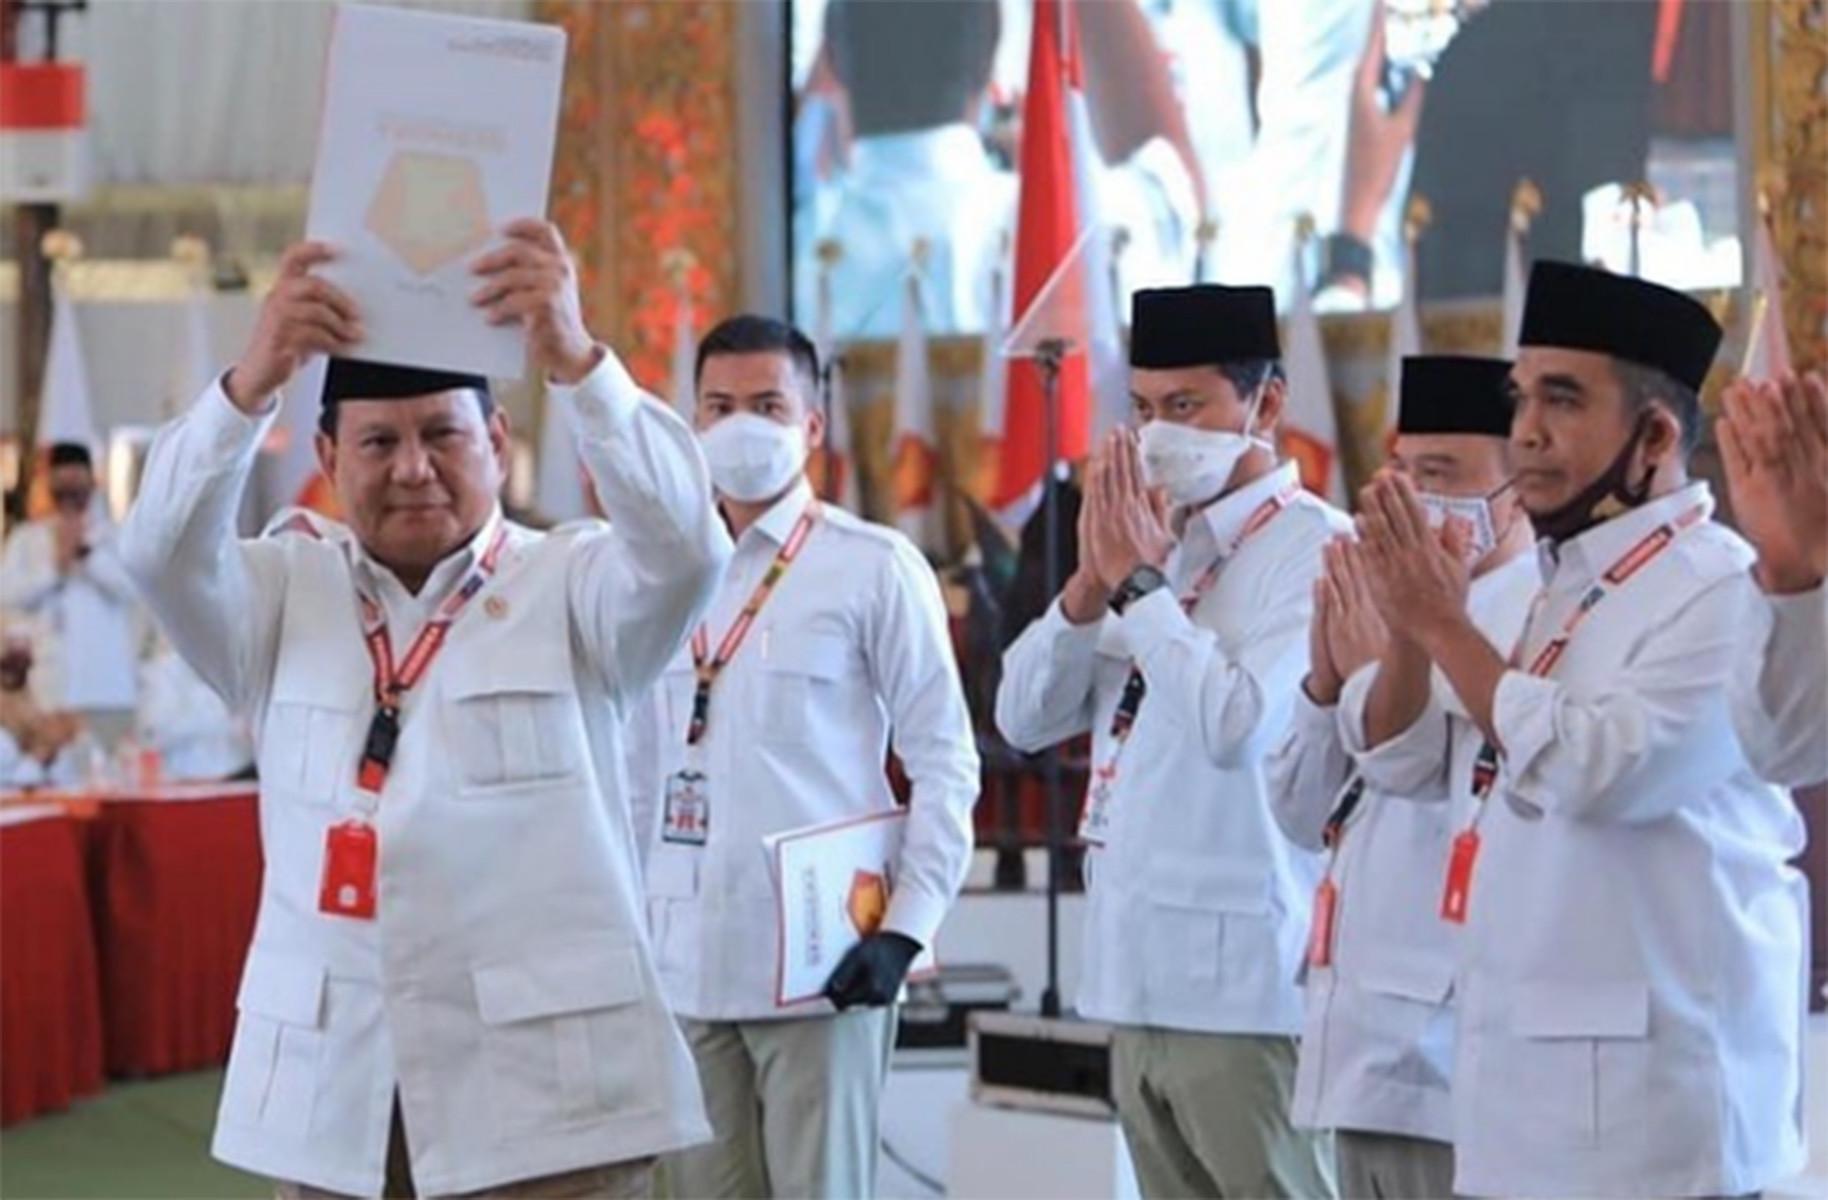 Prabowo Subianto Dianggap Sudah Selesai, Saatnya Anies, Habib Rizieq atau UAS - JPNN.com